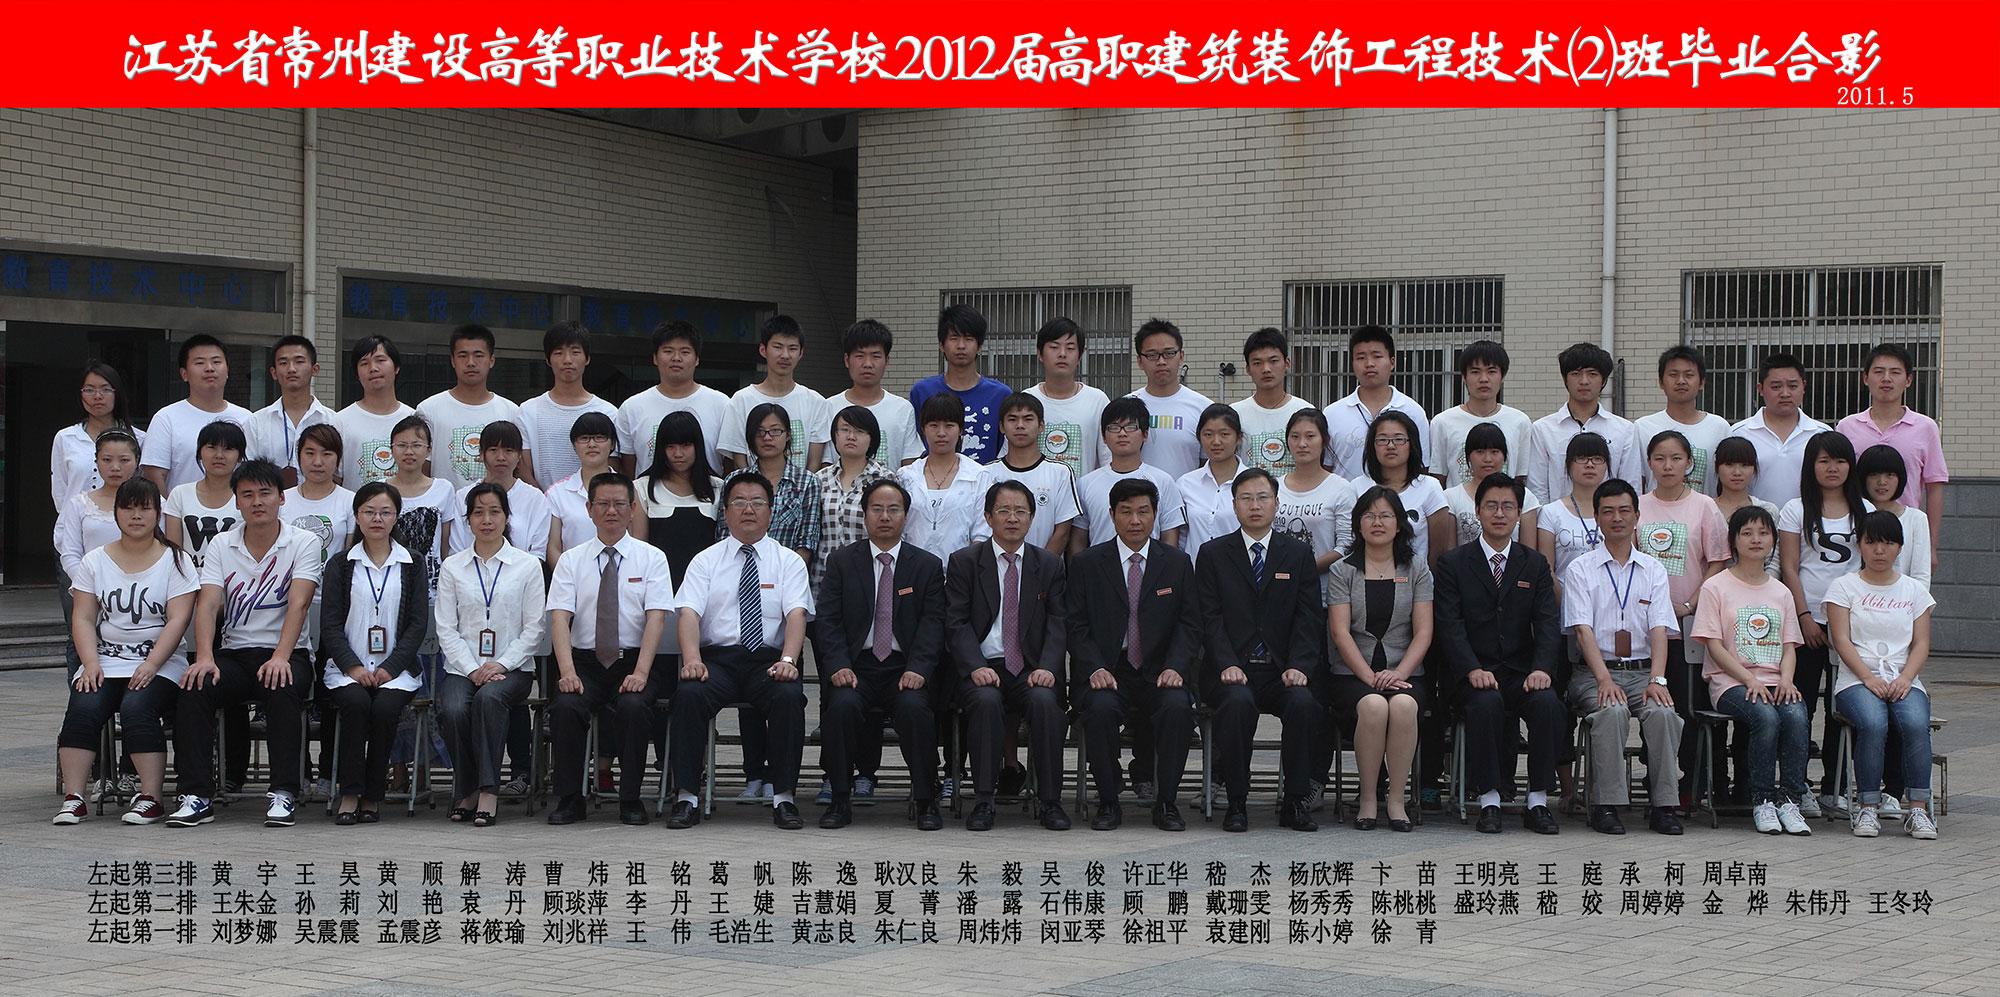 2012届高职建筑装饰工程技术(2)...